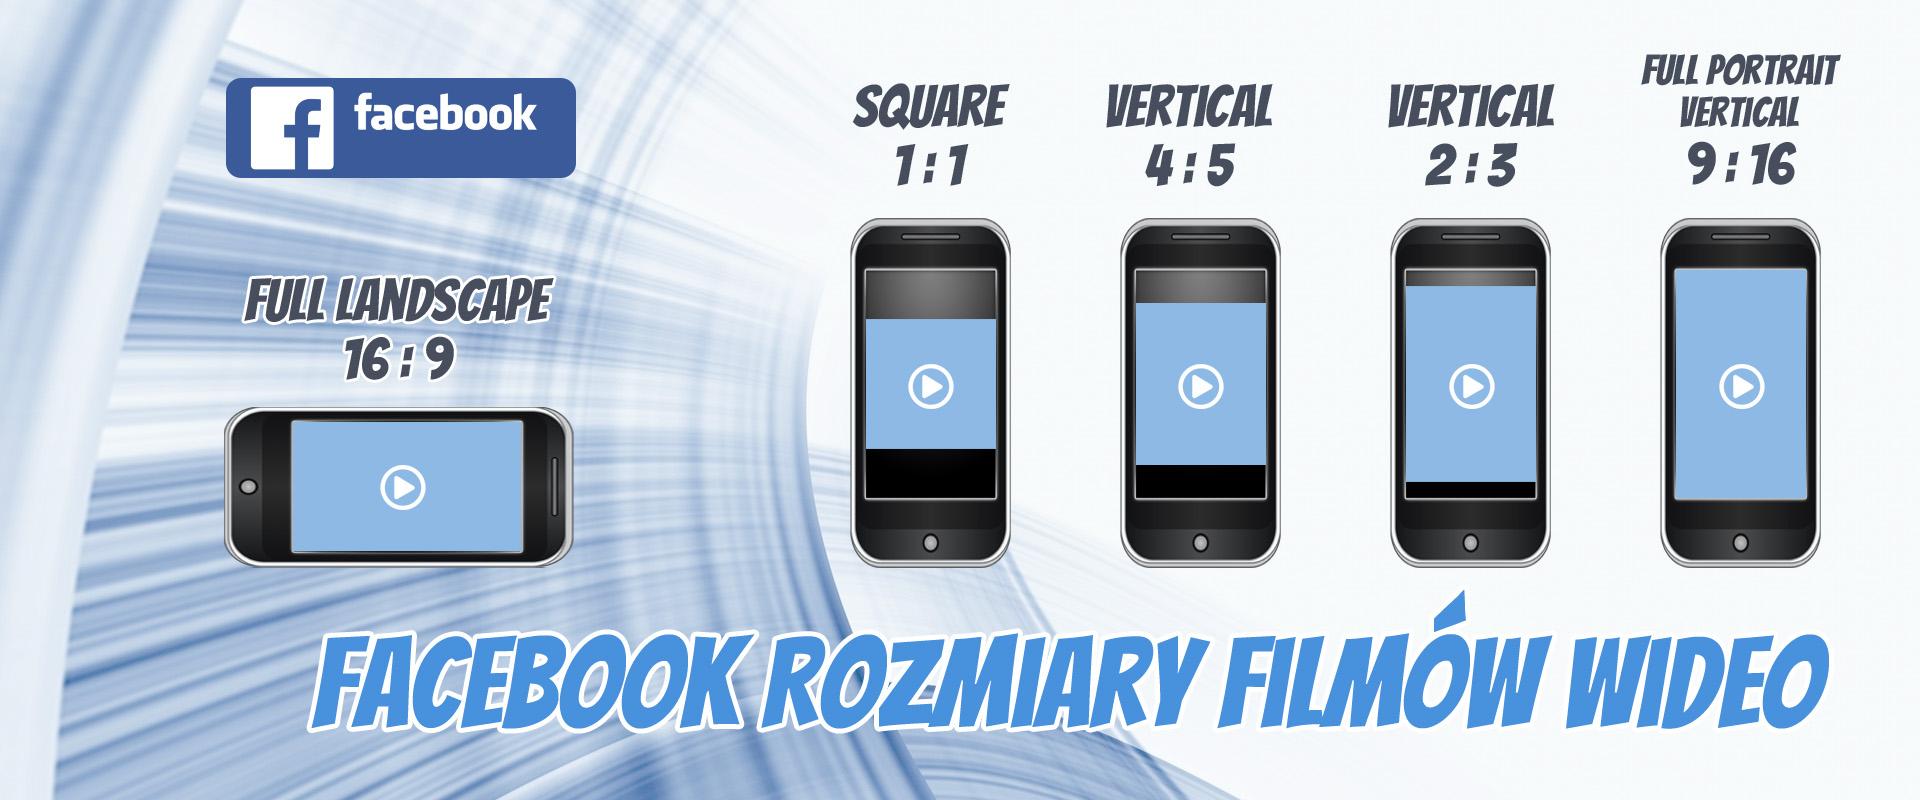 fb-rozmiary-wideo-1920x500px